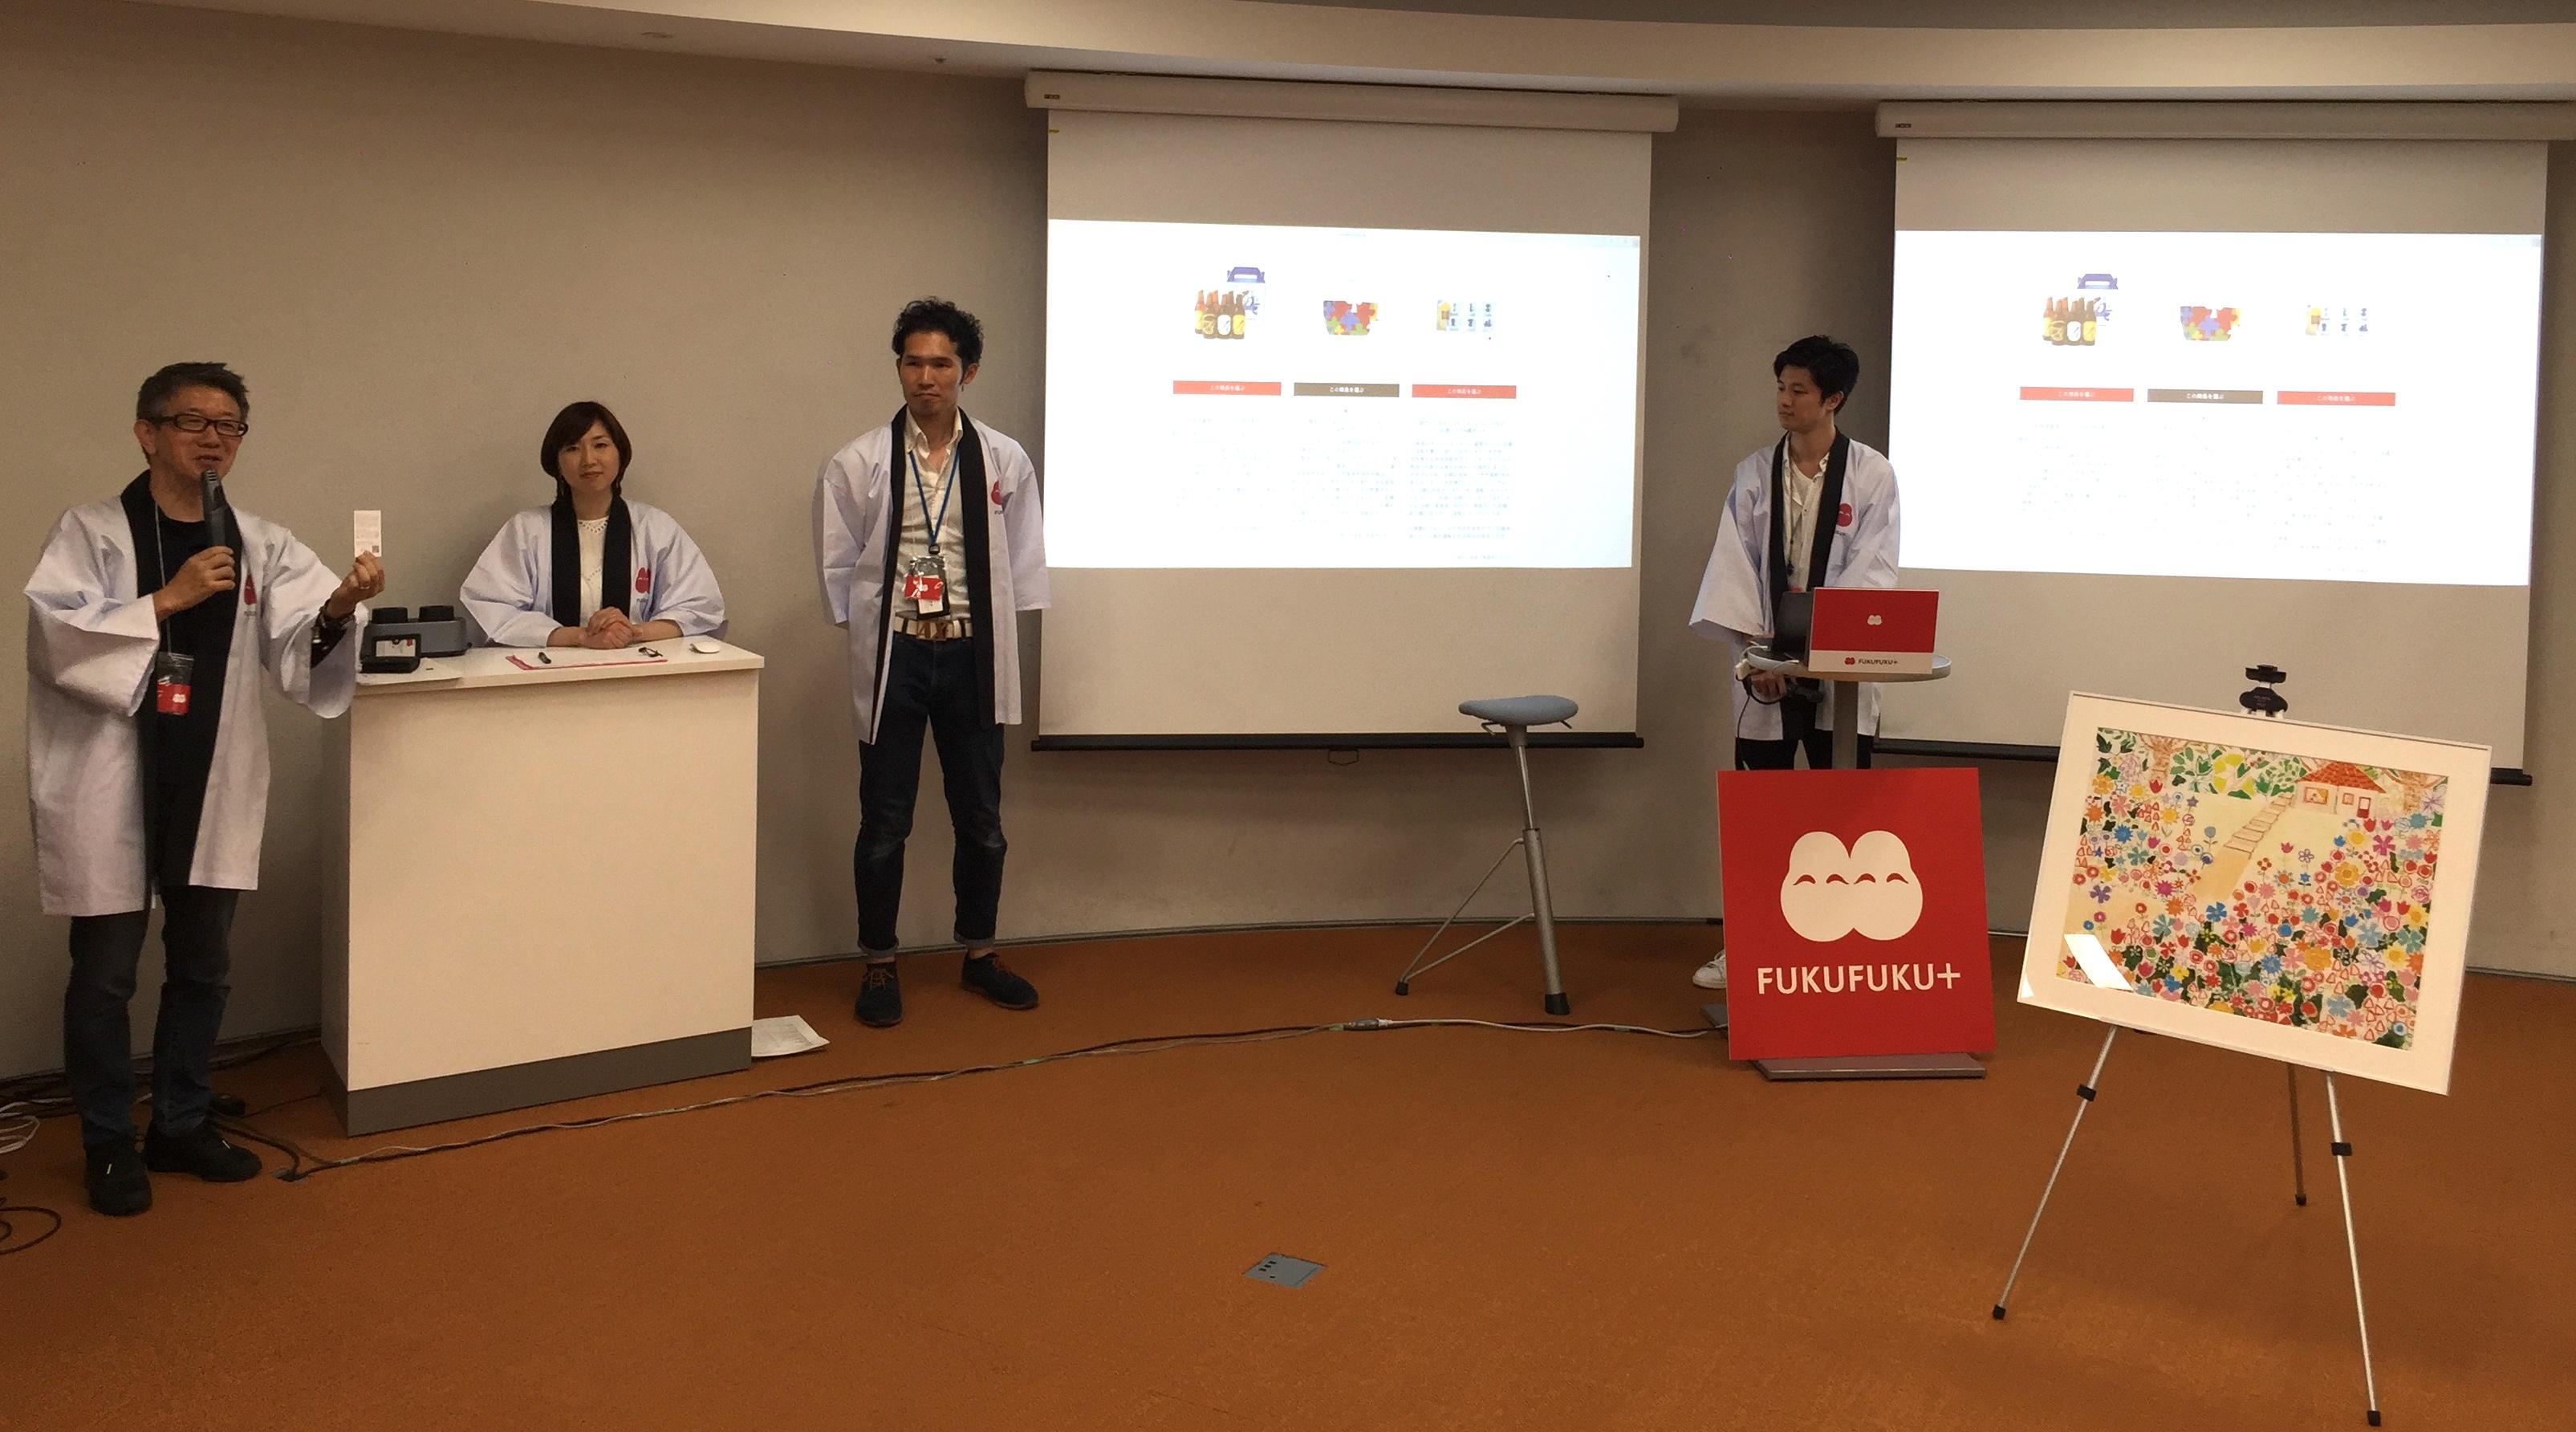 フクフクプラス 代表の磯村さんのスピーチ